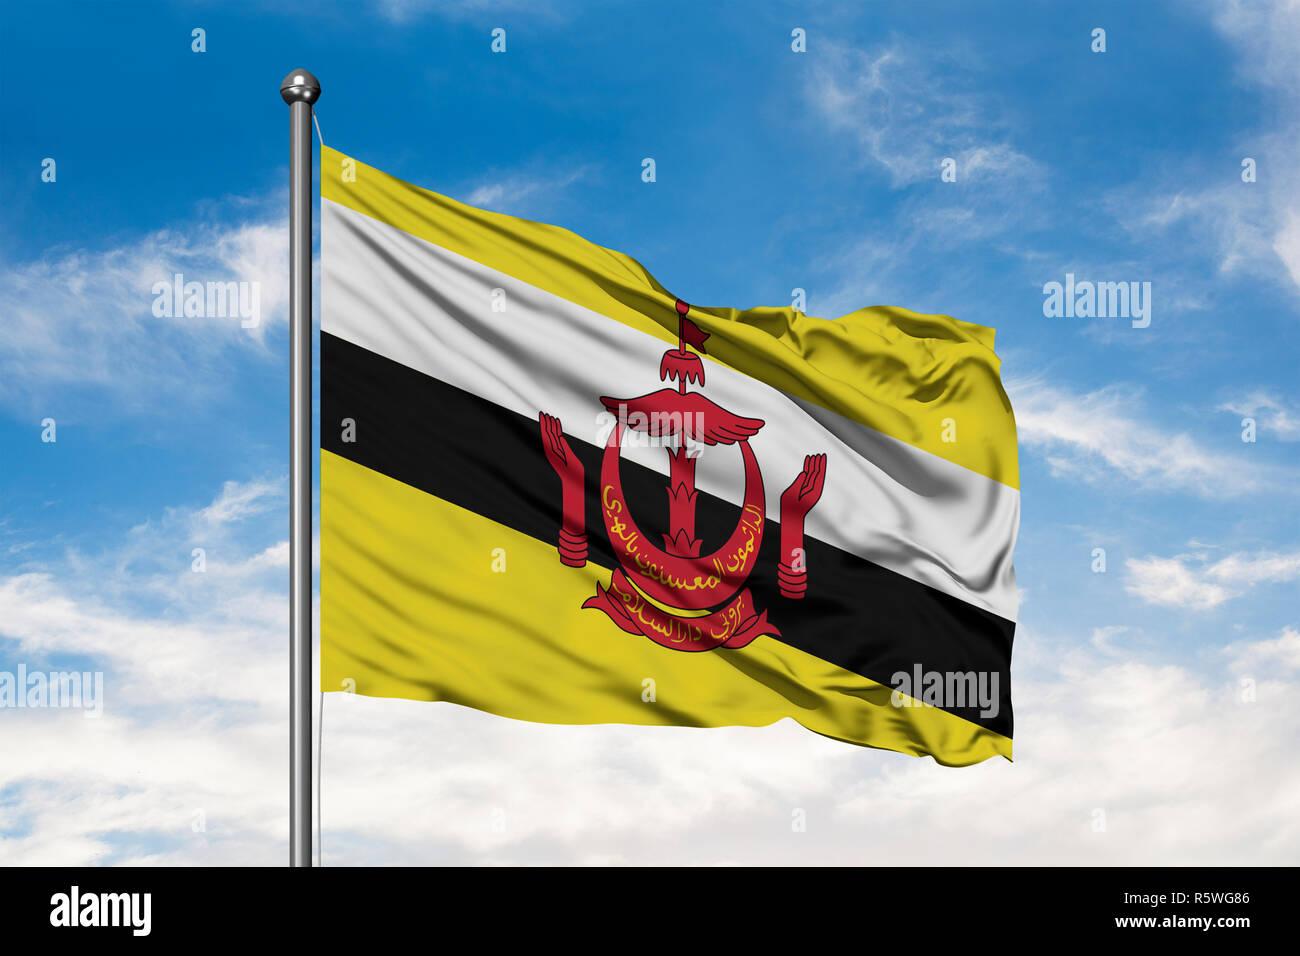 Bandiera del Brunei sventolare nel vento contro bianco torbido cielo blu. Bruneian bandiera. Immagini Stock